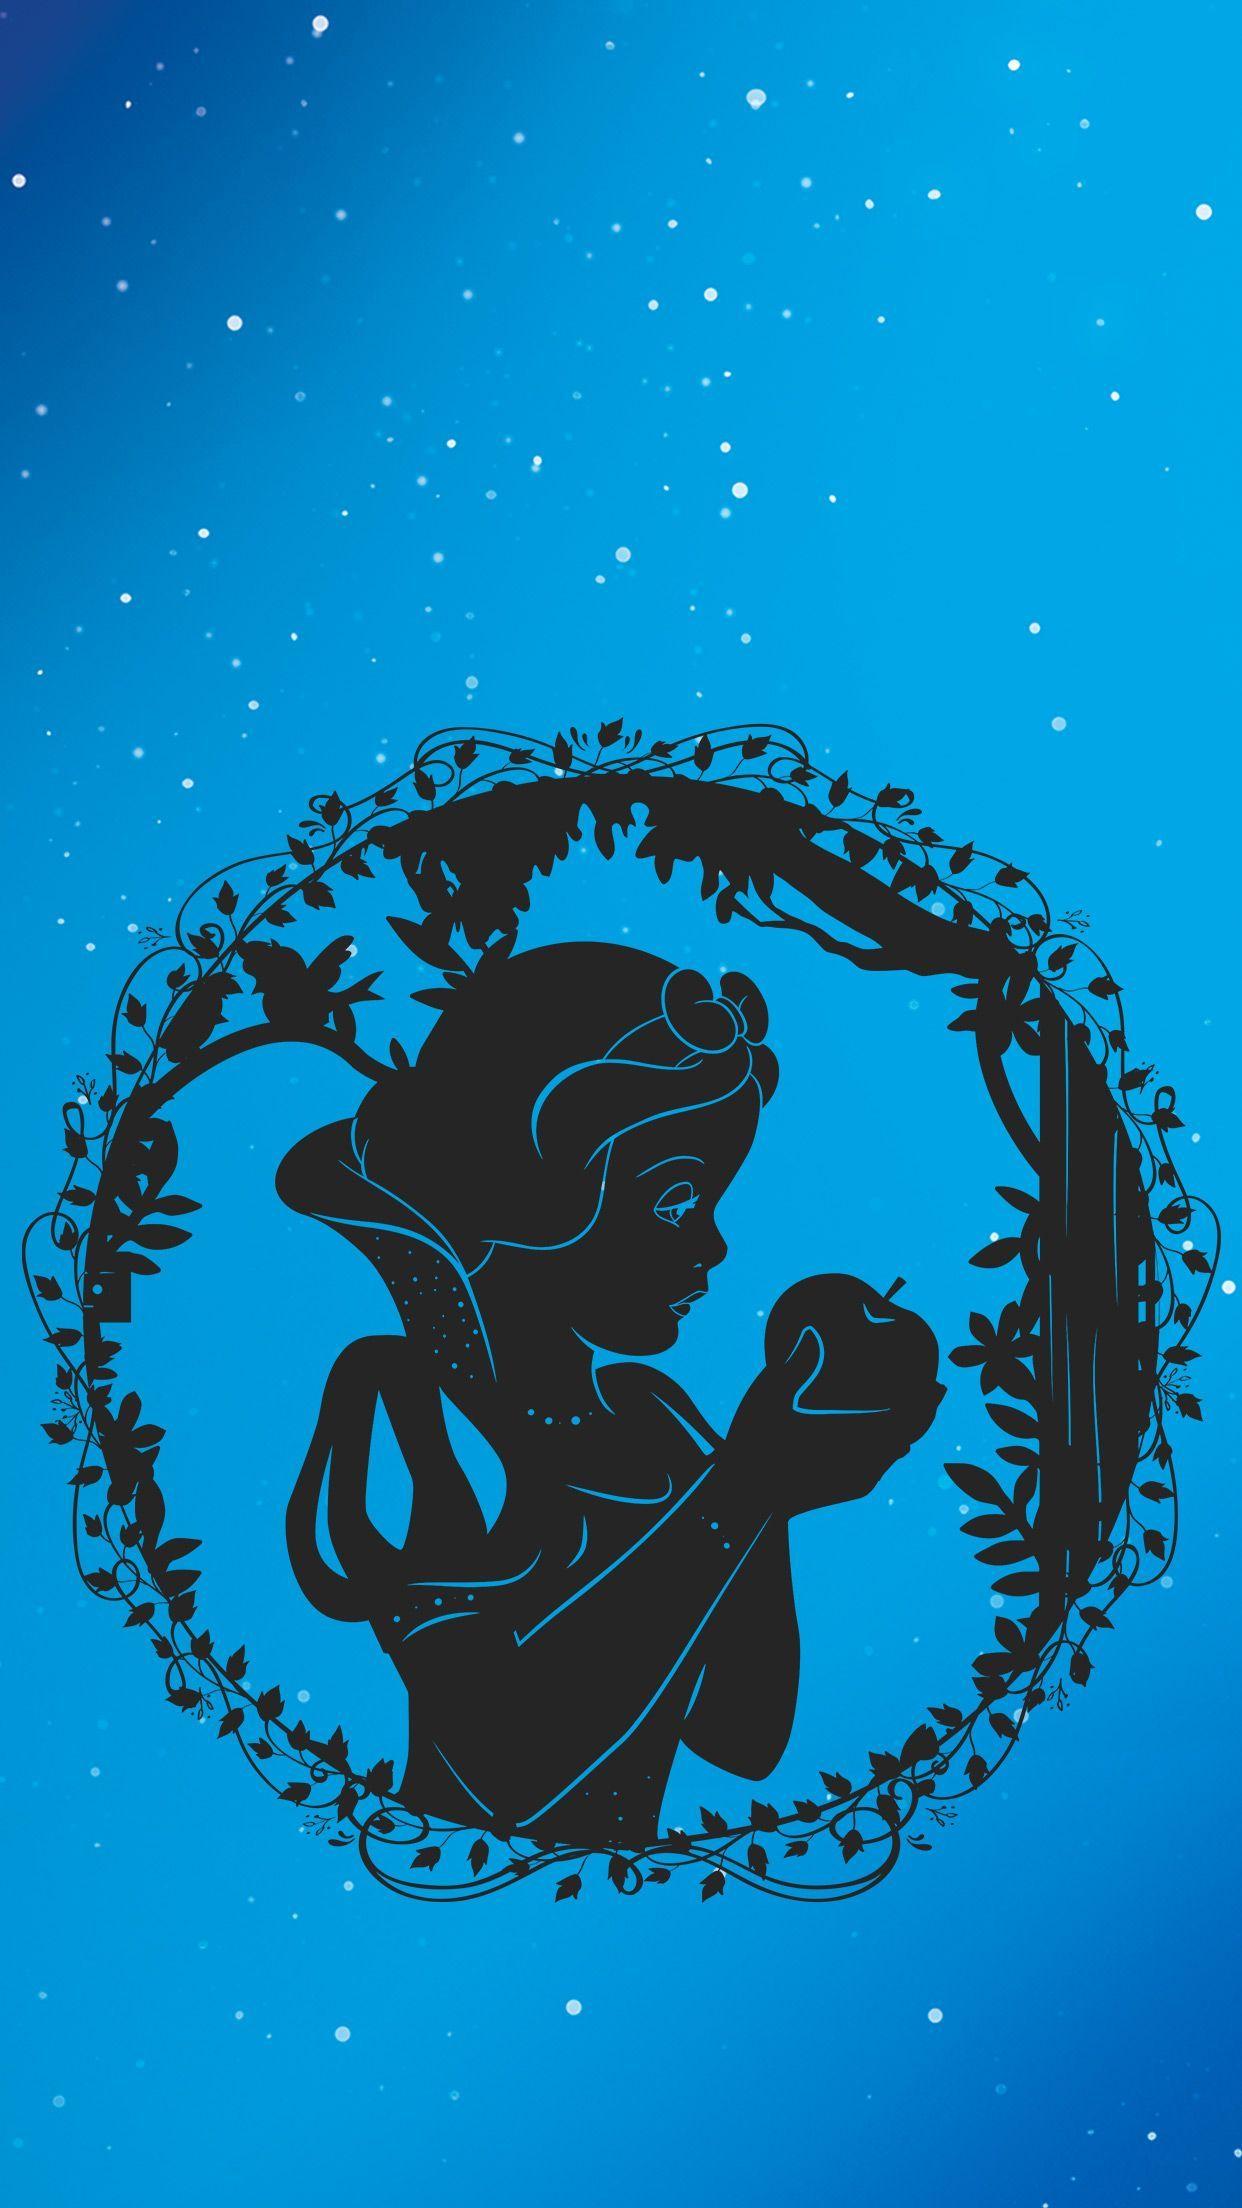 Disney Princess Phone Wallpapers - Wallpaper Cave